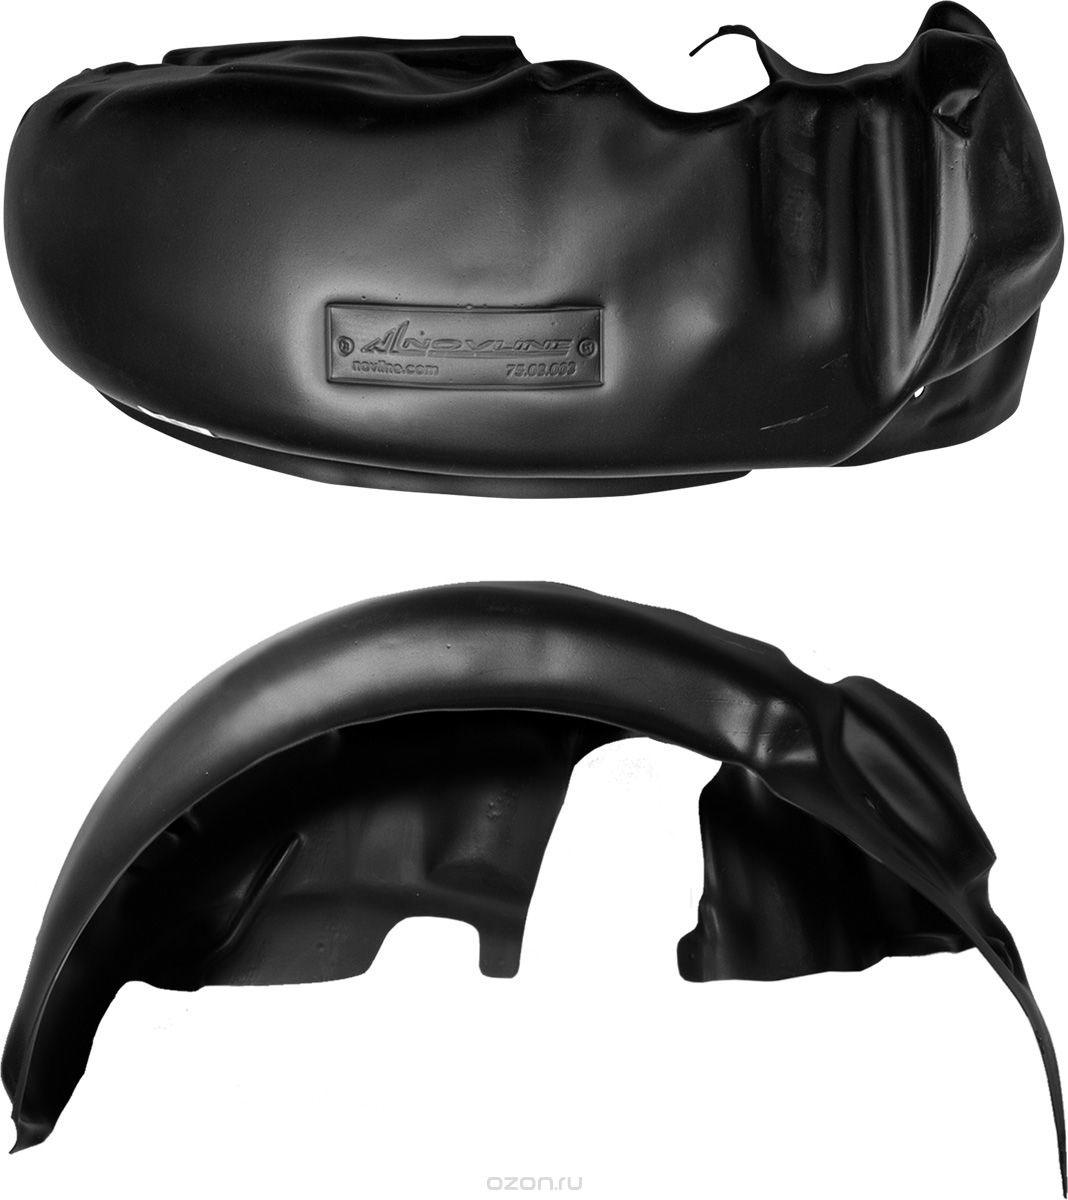 Подкрылок Novline-Autofamily, для TOYOTA Yaris 01/2006-2013, задний правыйVCA-00Идеальная защита колесной ниши. Локеры разработаны с применением цифровых технологий, гарантируют максимальную повторяемость поверхности арки. Изделия устанавливаются без нарушения лакокрасочного покрытия автомобиля, каждый подкрылок комплектуется крепежом. Уважаемые клиенты, обращаем ваше внимание, что фотографии на подкрылки универсальные и не отражают реальную форму изделия. При этом само изделие идет точно под размер указанного автомобиля.